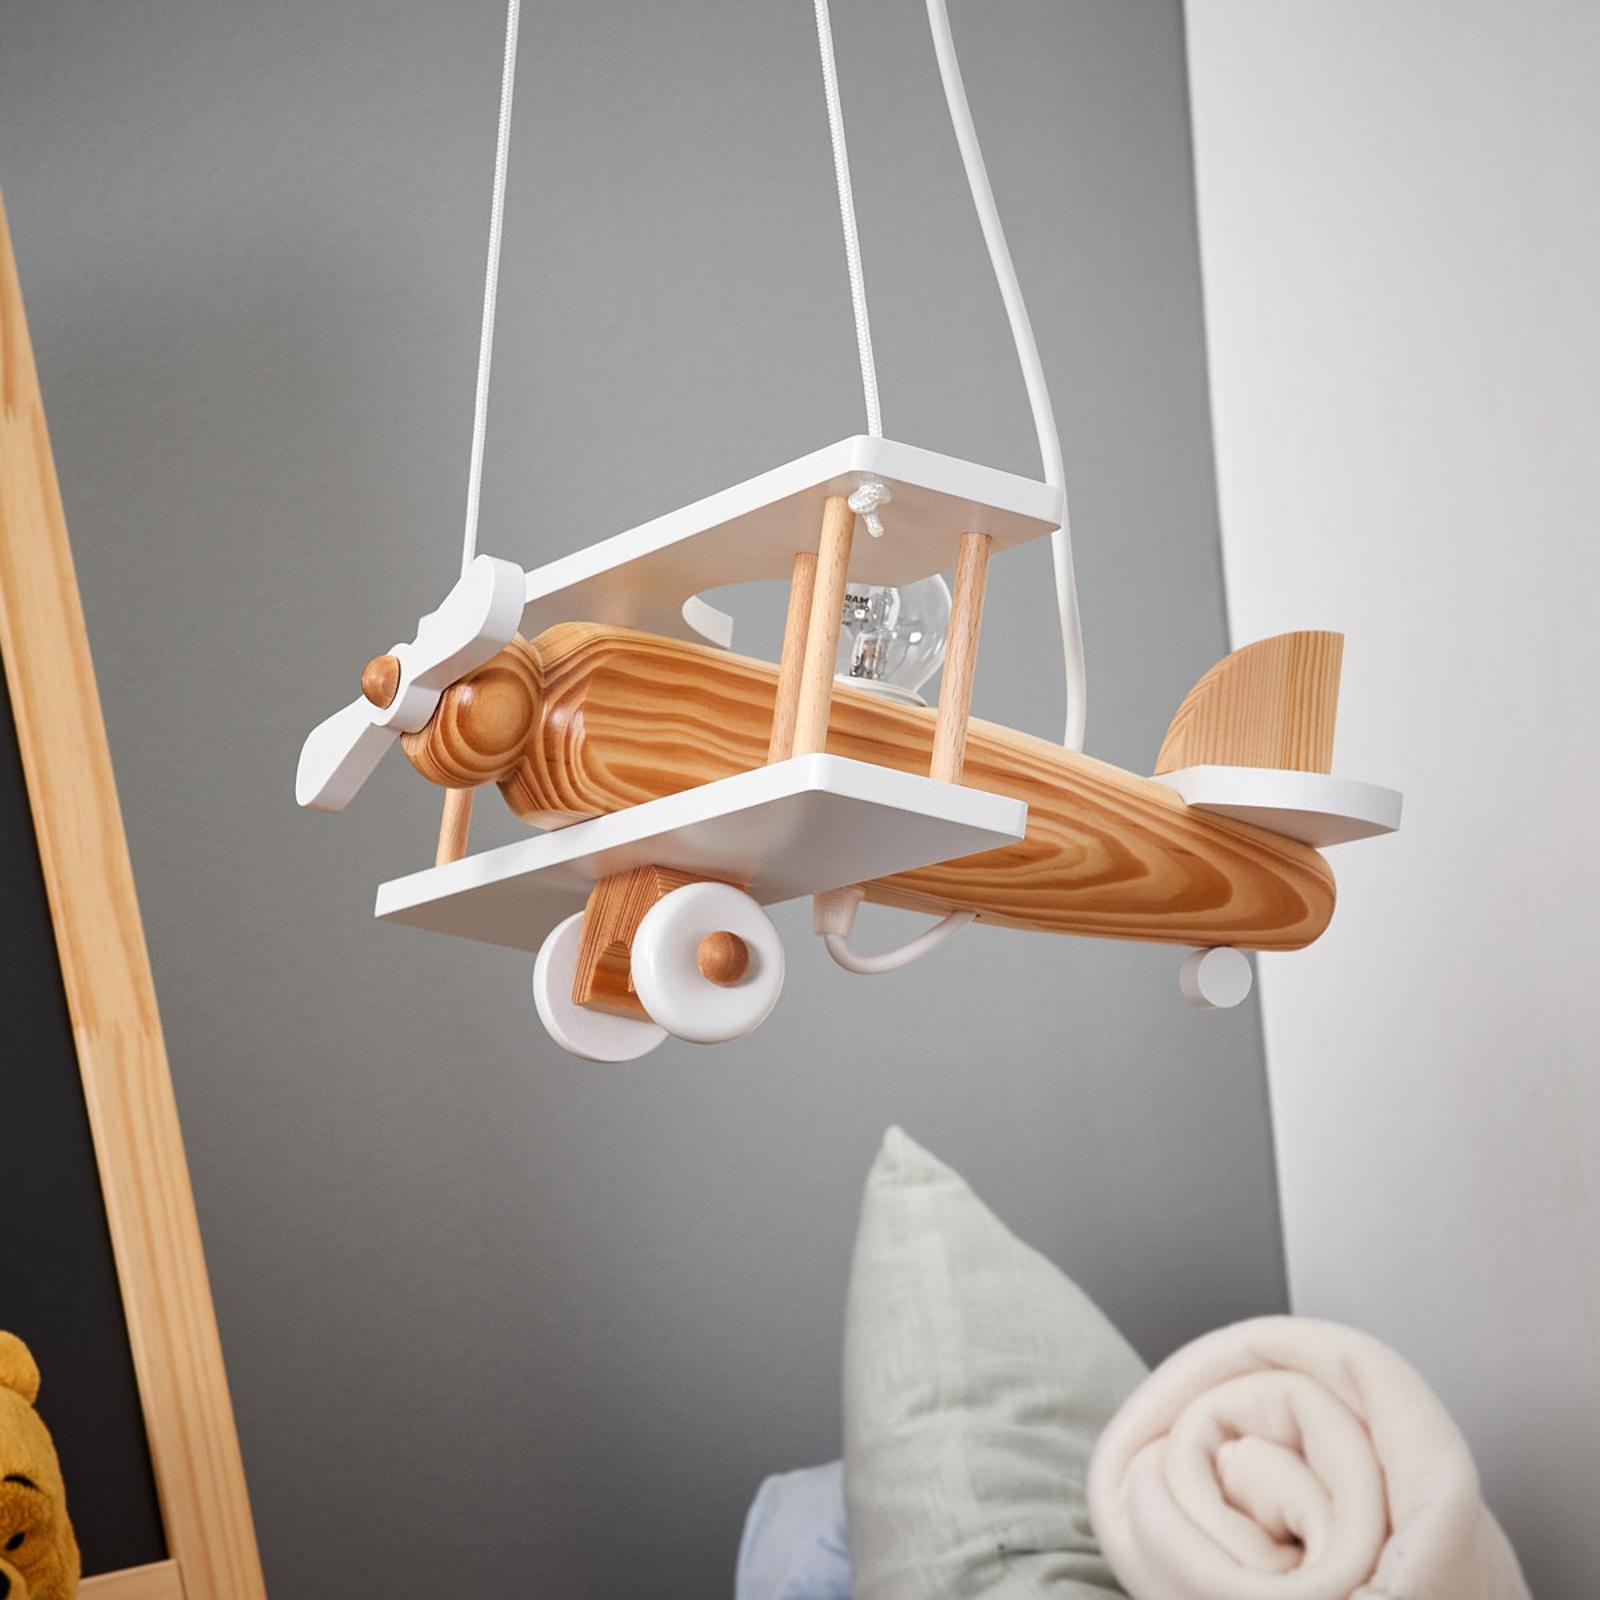 Suspension blanche Avion en éléments de bois